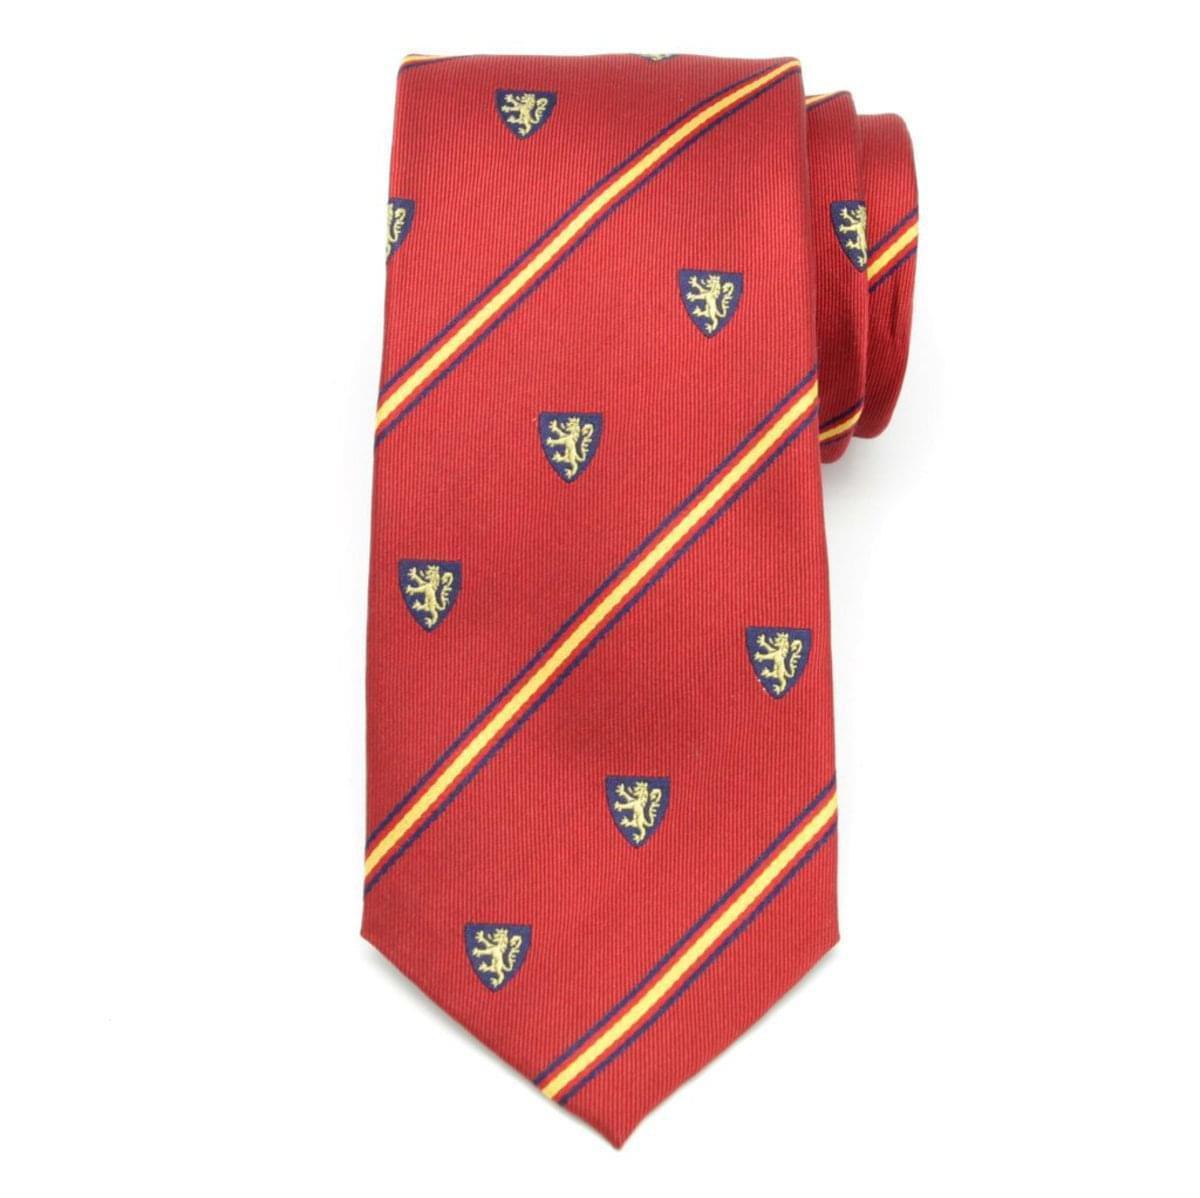 Pánská hedvábná kravata (vzor 328) 6038 v červené barvě